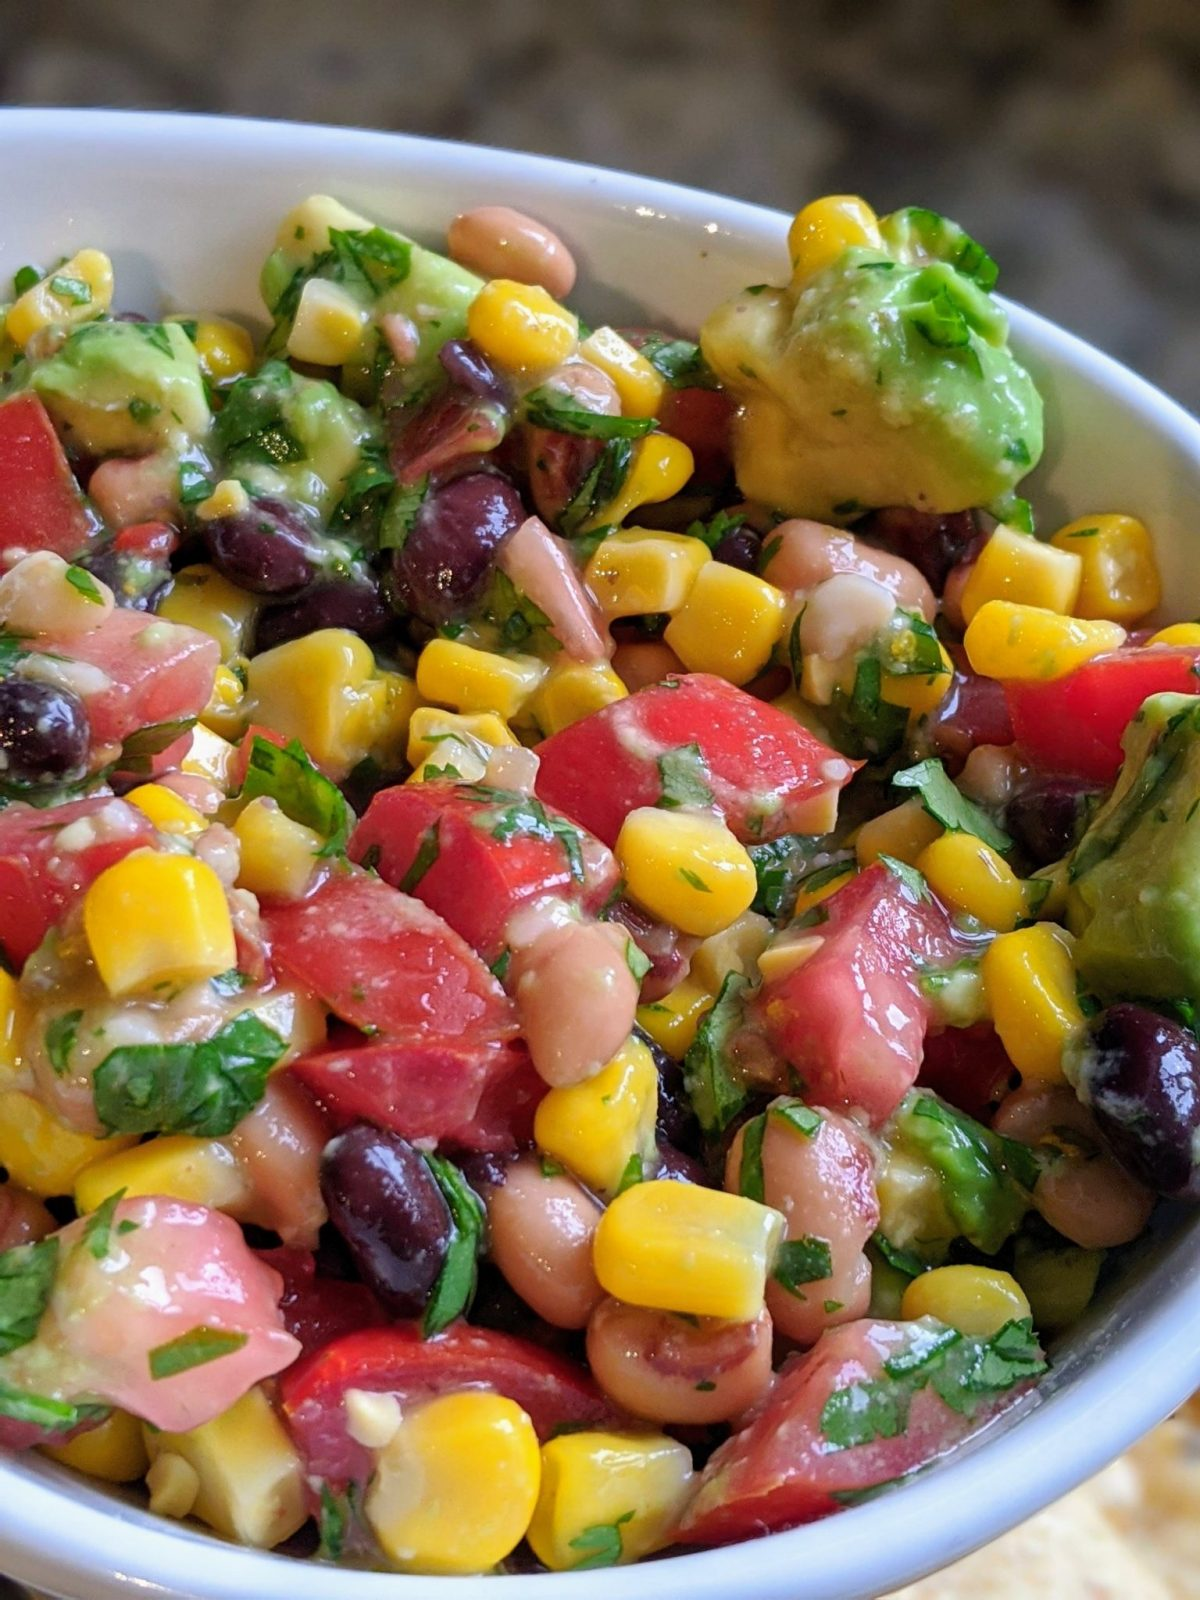 Closeup of avocado salad